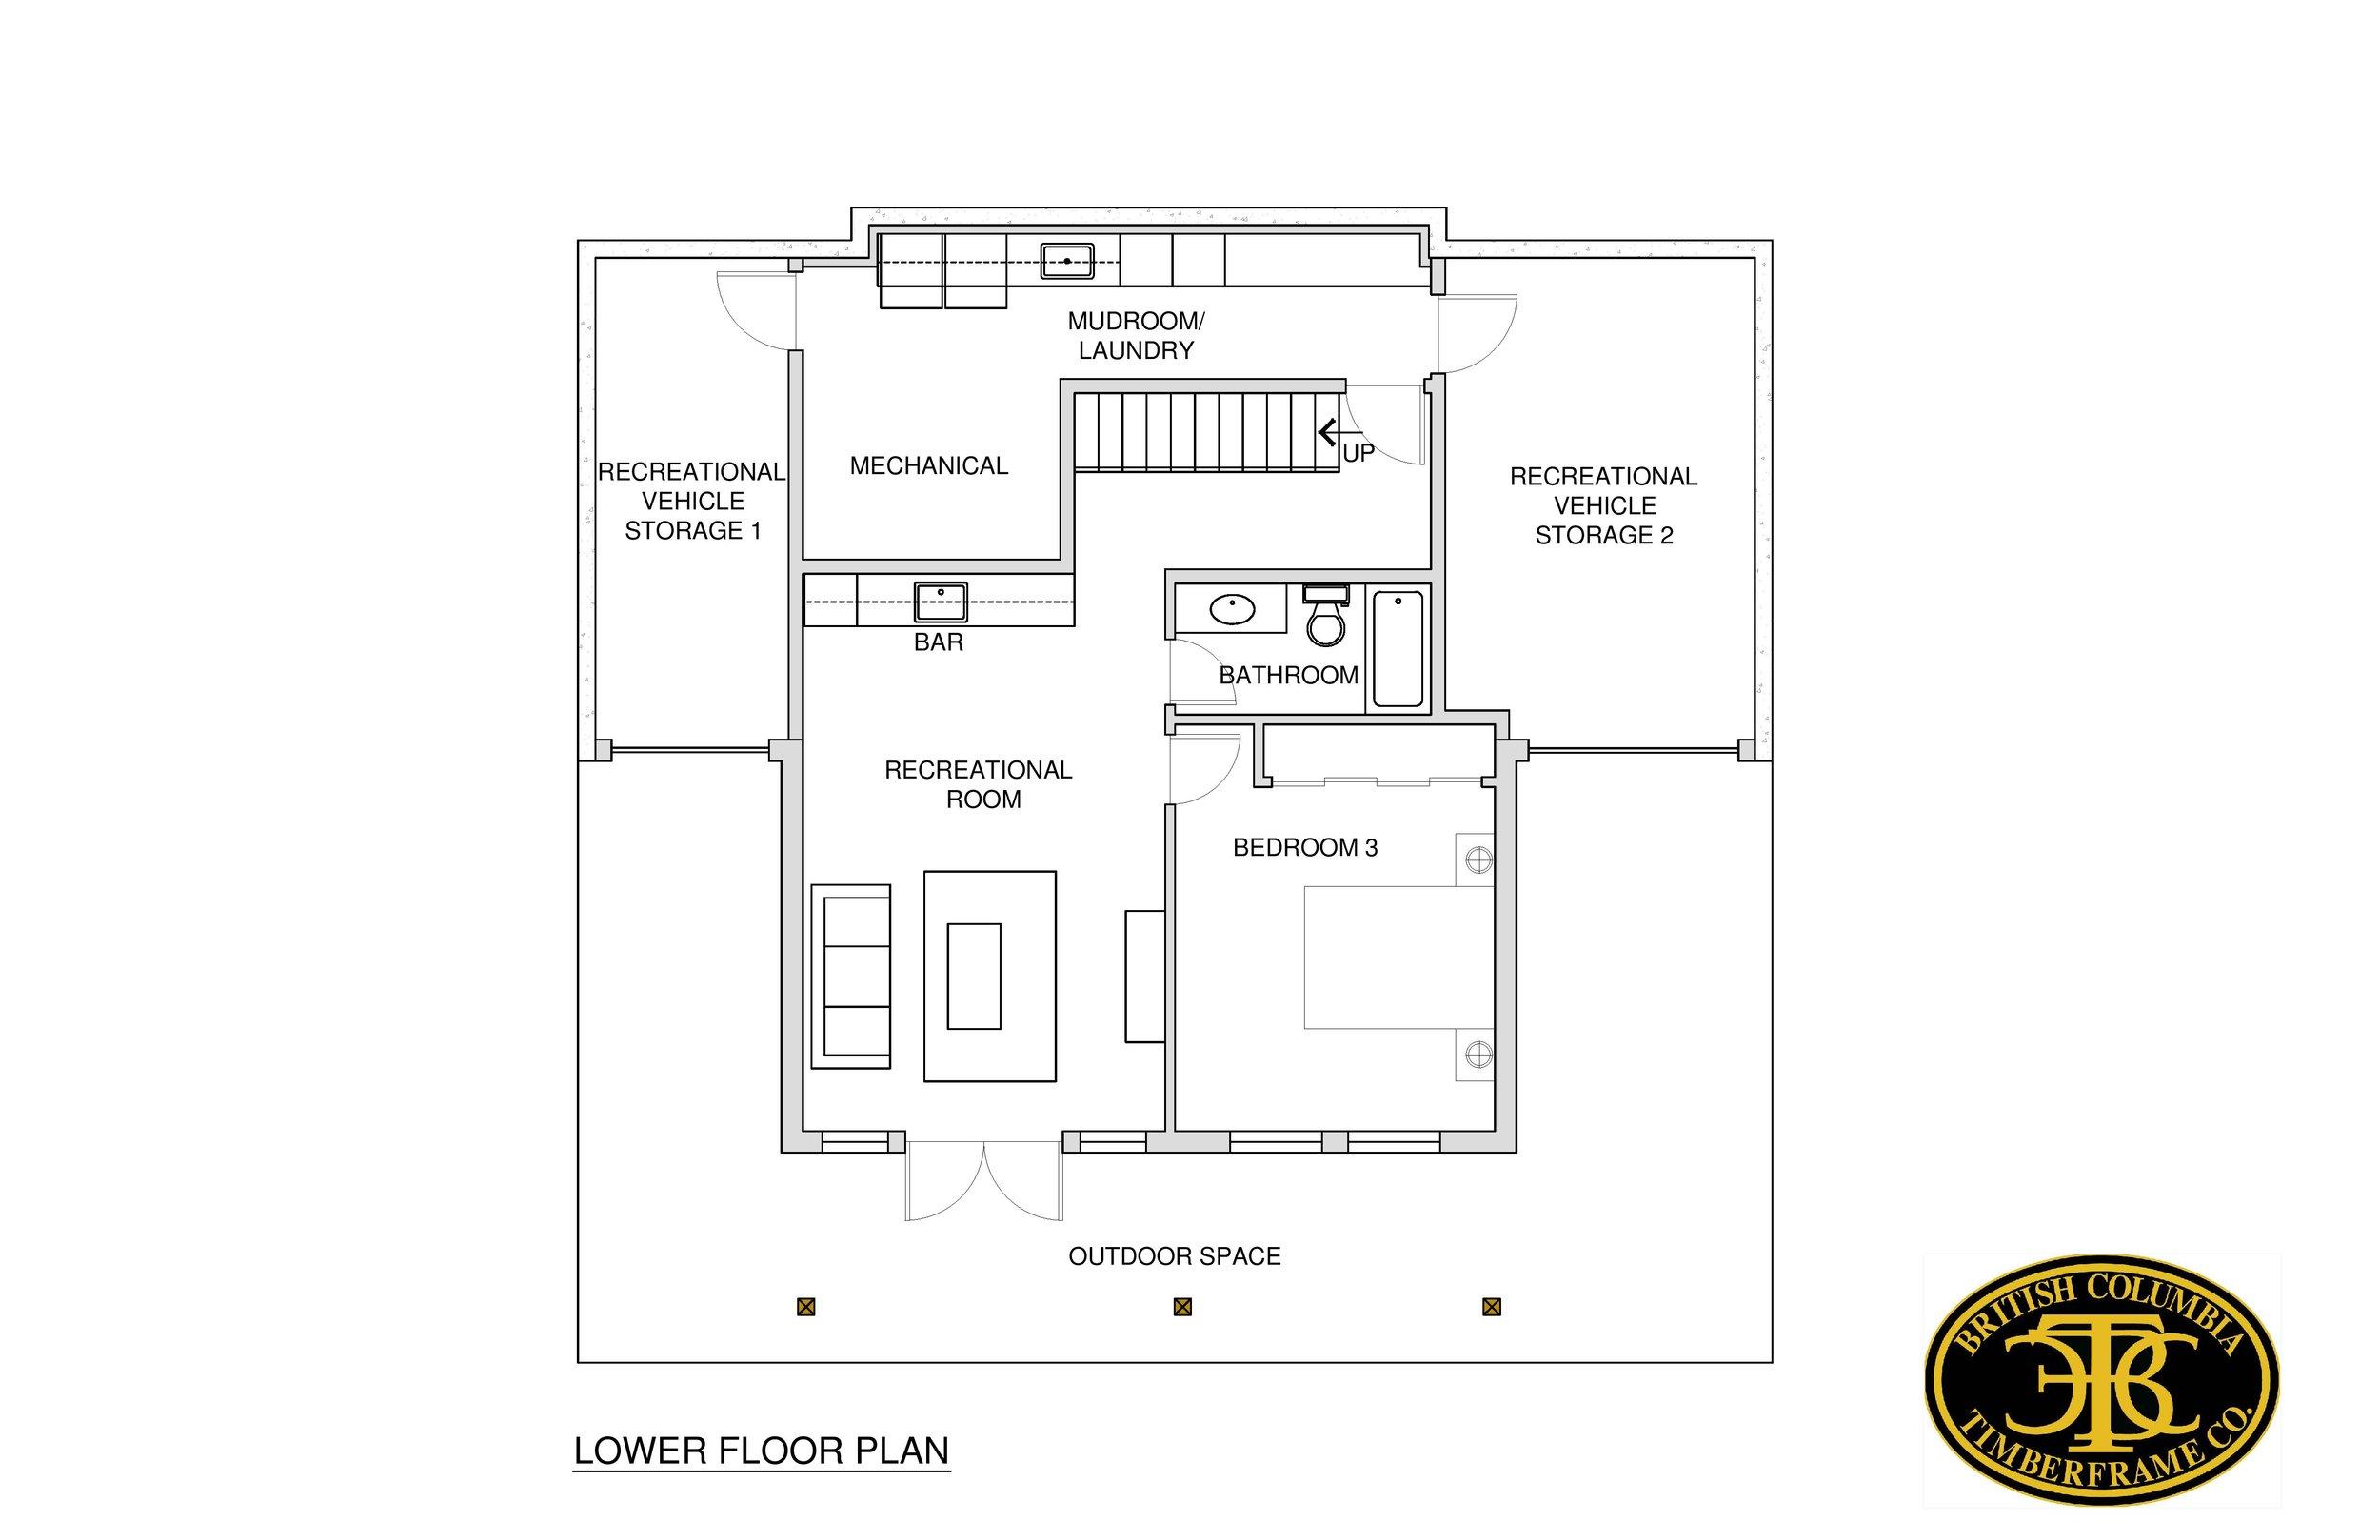 Greenlake_Lower Floor Plan-page-001.jpg